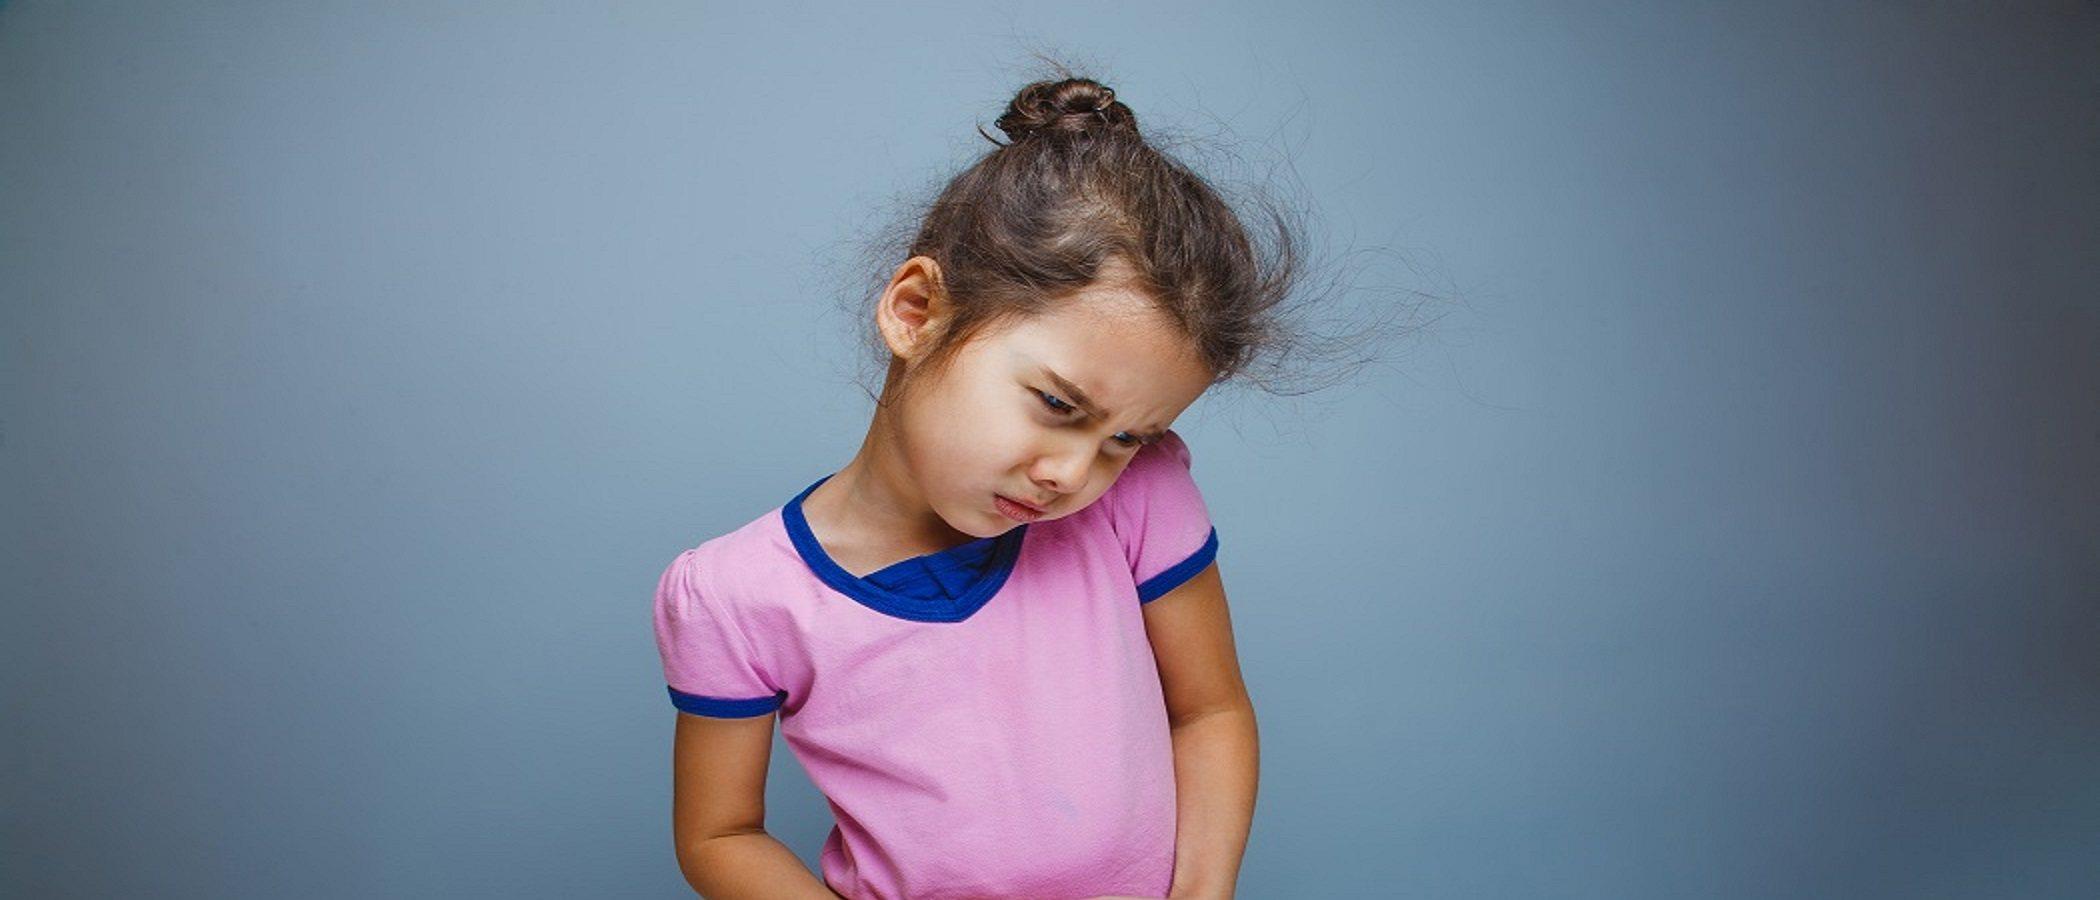 Migrañas abdominales en niños